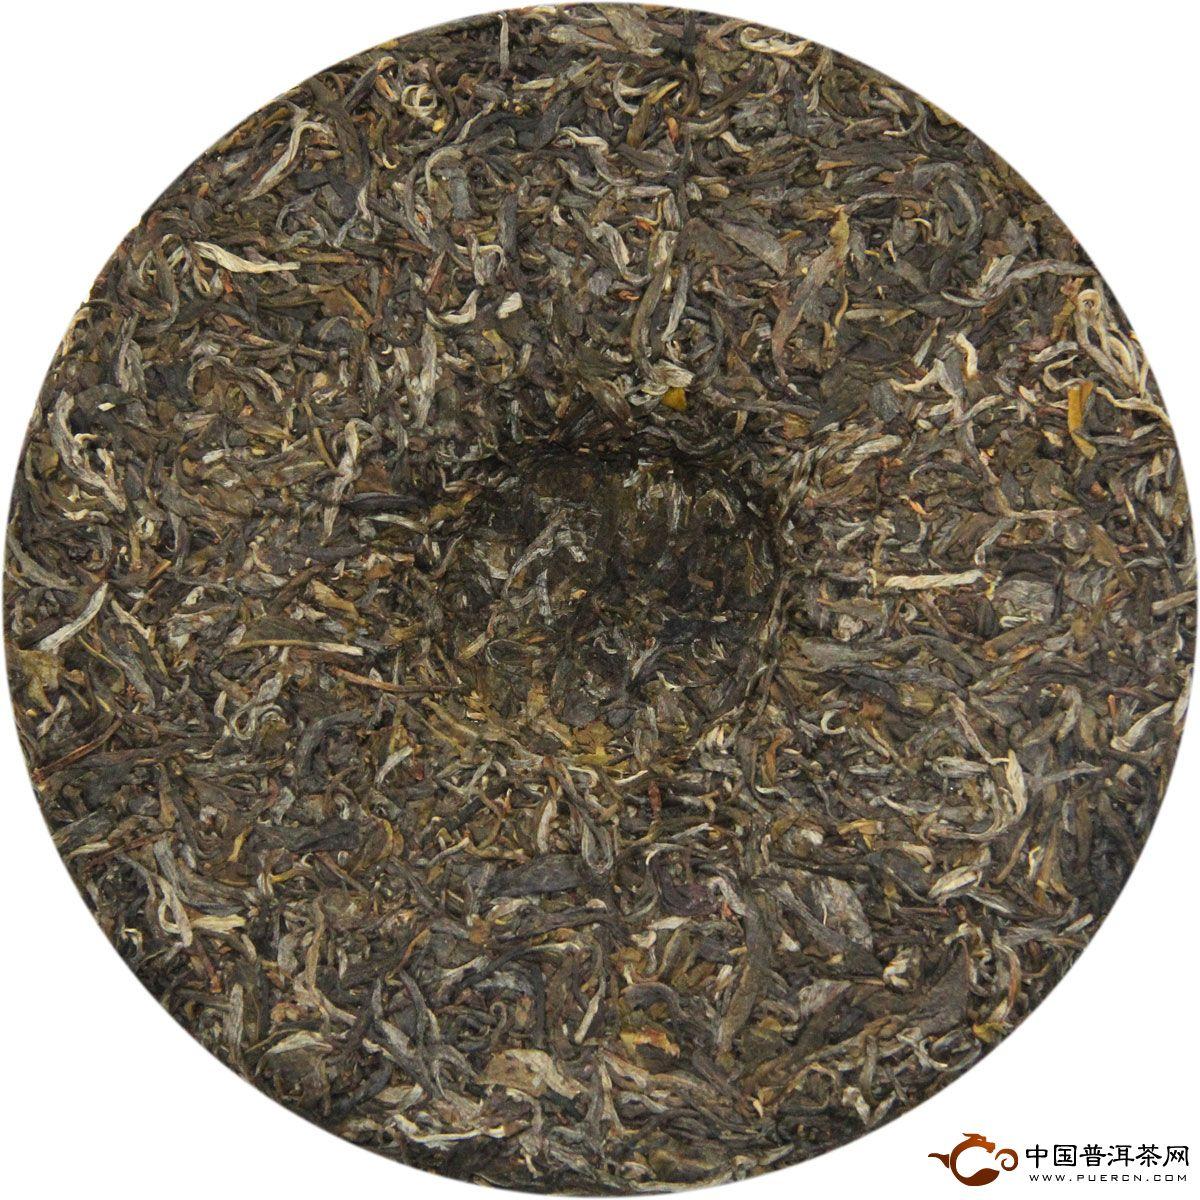 2012年陈升号国色天香(生茶) 400克